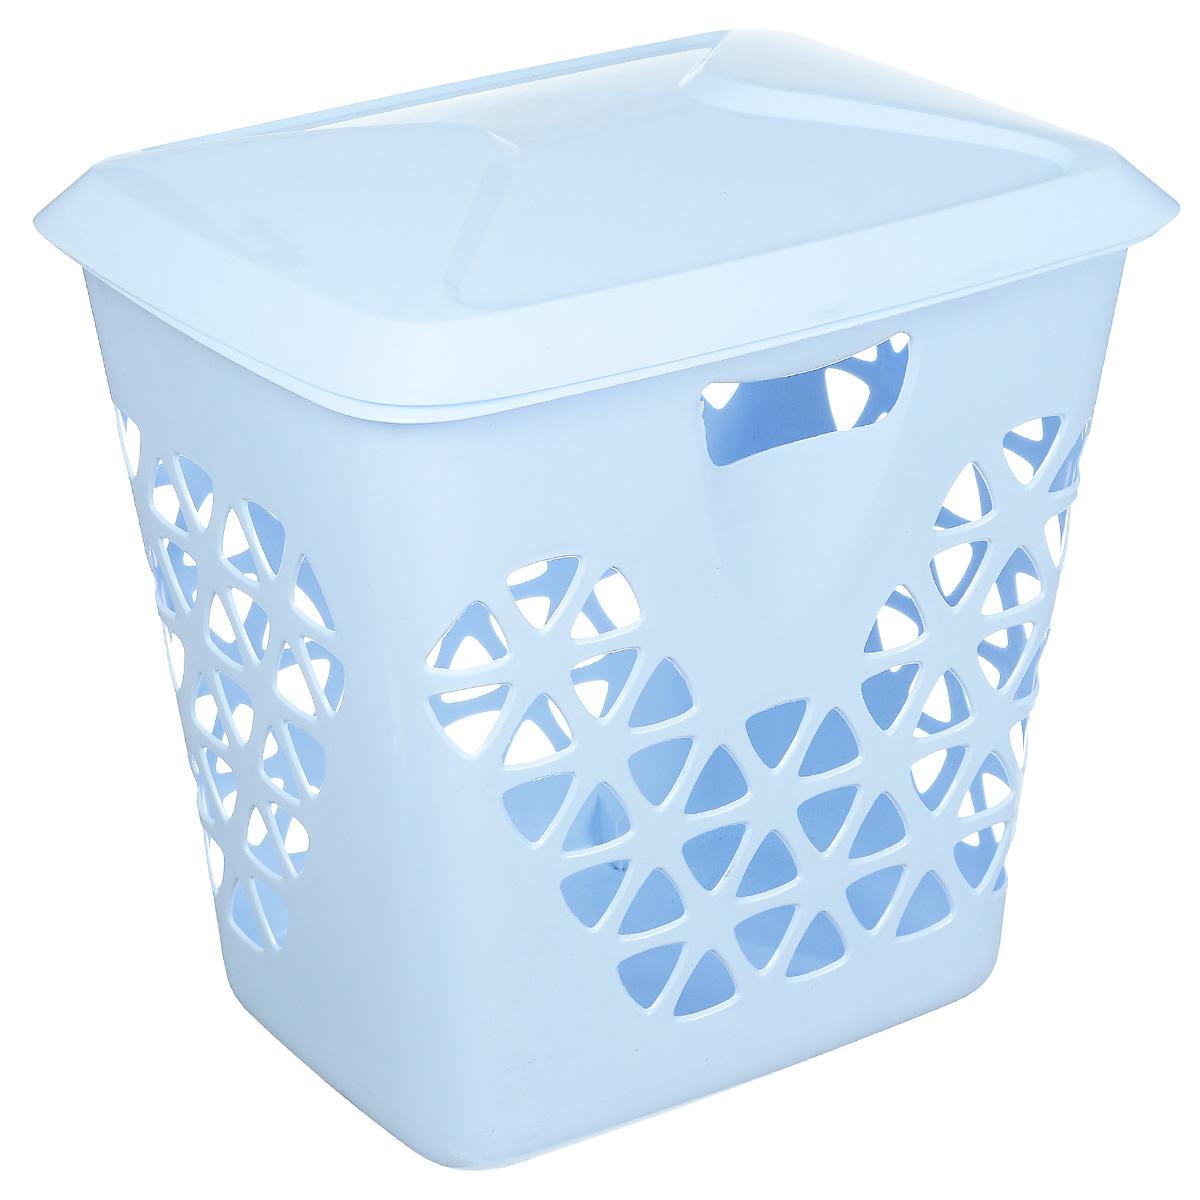 Корзина для белья Idea Венеция, цвет: голубой, 45 л68/5/4Вместительная корзина для белья Idea Венеция изготовлена из прочного пластика. Она отлично подойдет для хранения белья перед стиркой. Специальные отверстия на стенках создают идеальные условия для проветривания. Изделие оснащено крышкой. Такая корзина для белья прекрасно впишется в интерьер ванной комнаты.